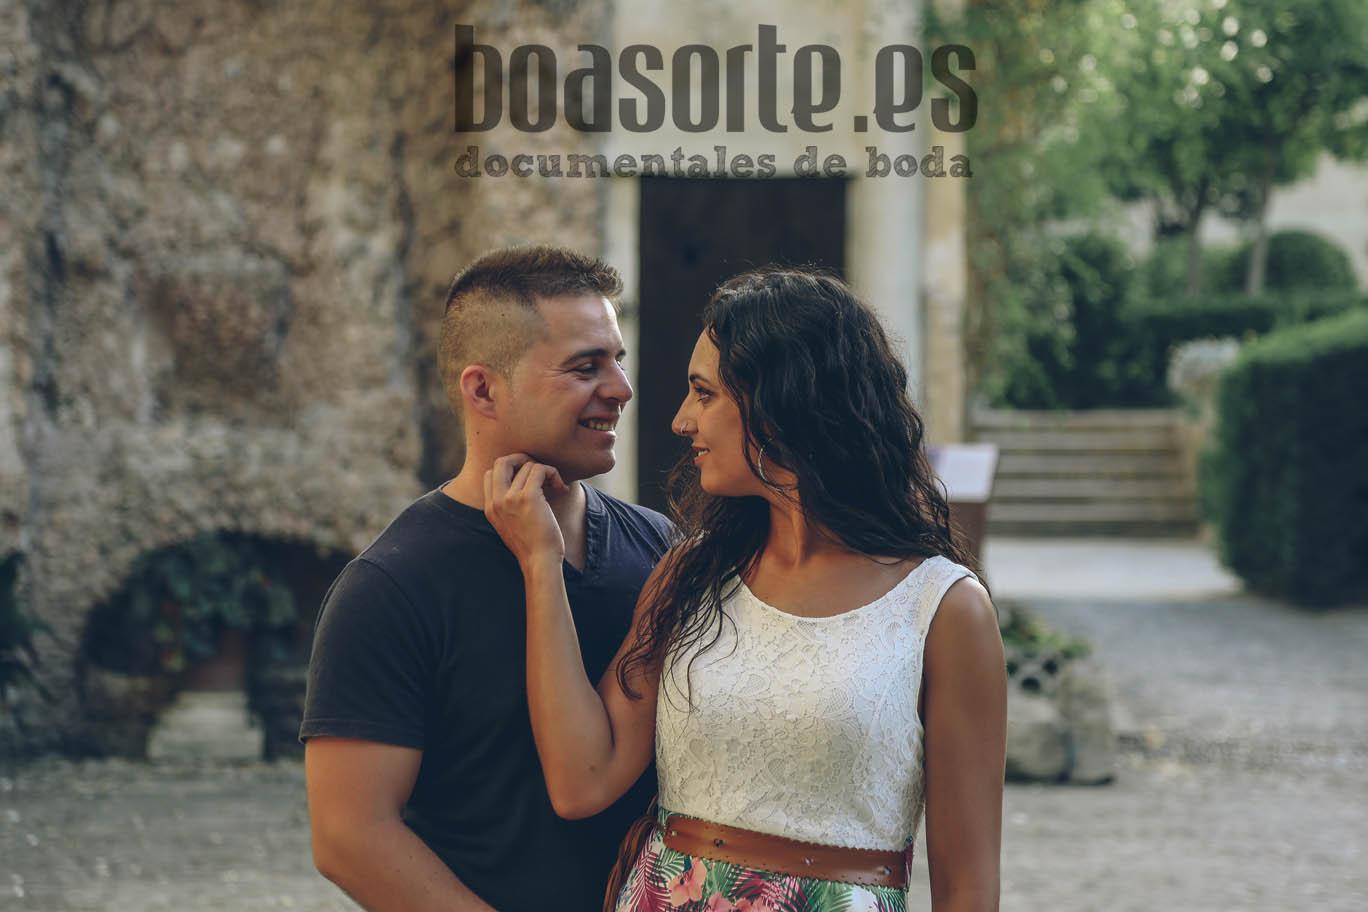 fotografia_preboda_en_familia_boasorte14